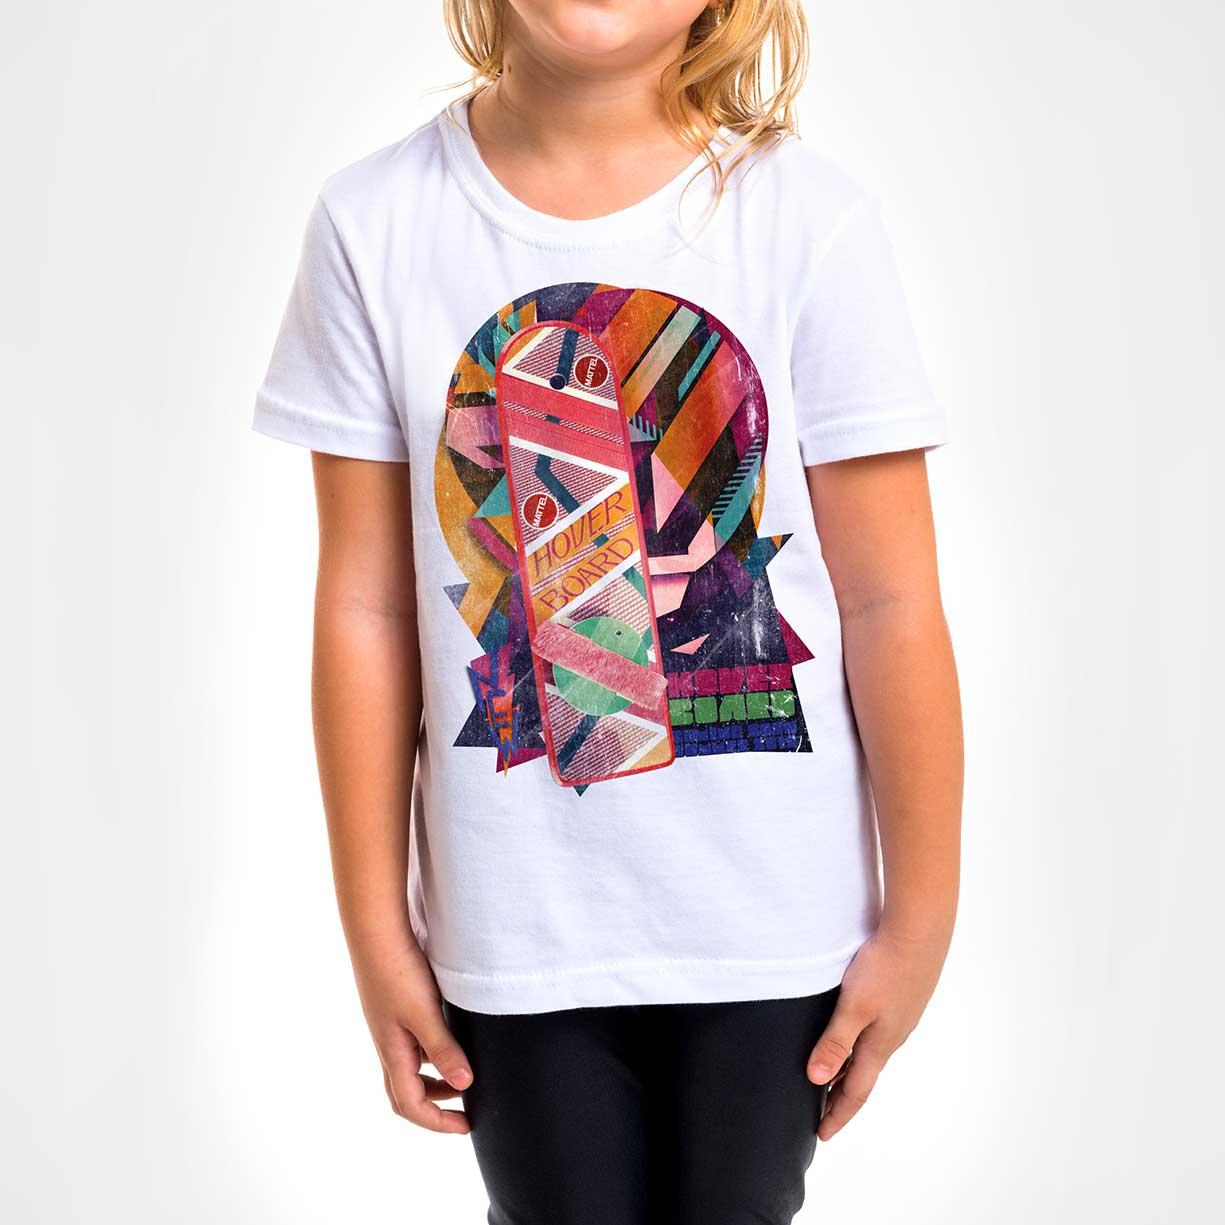 Camisa Infantil - Hover Board